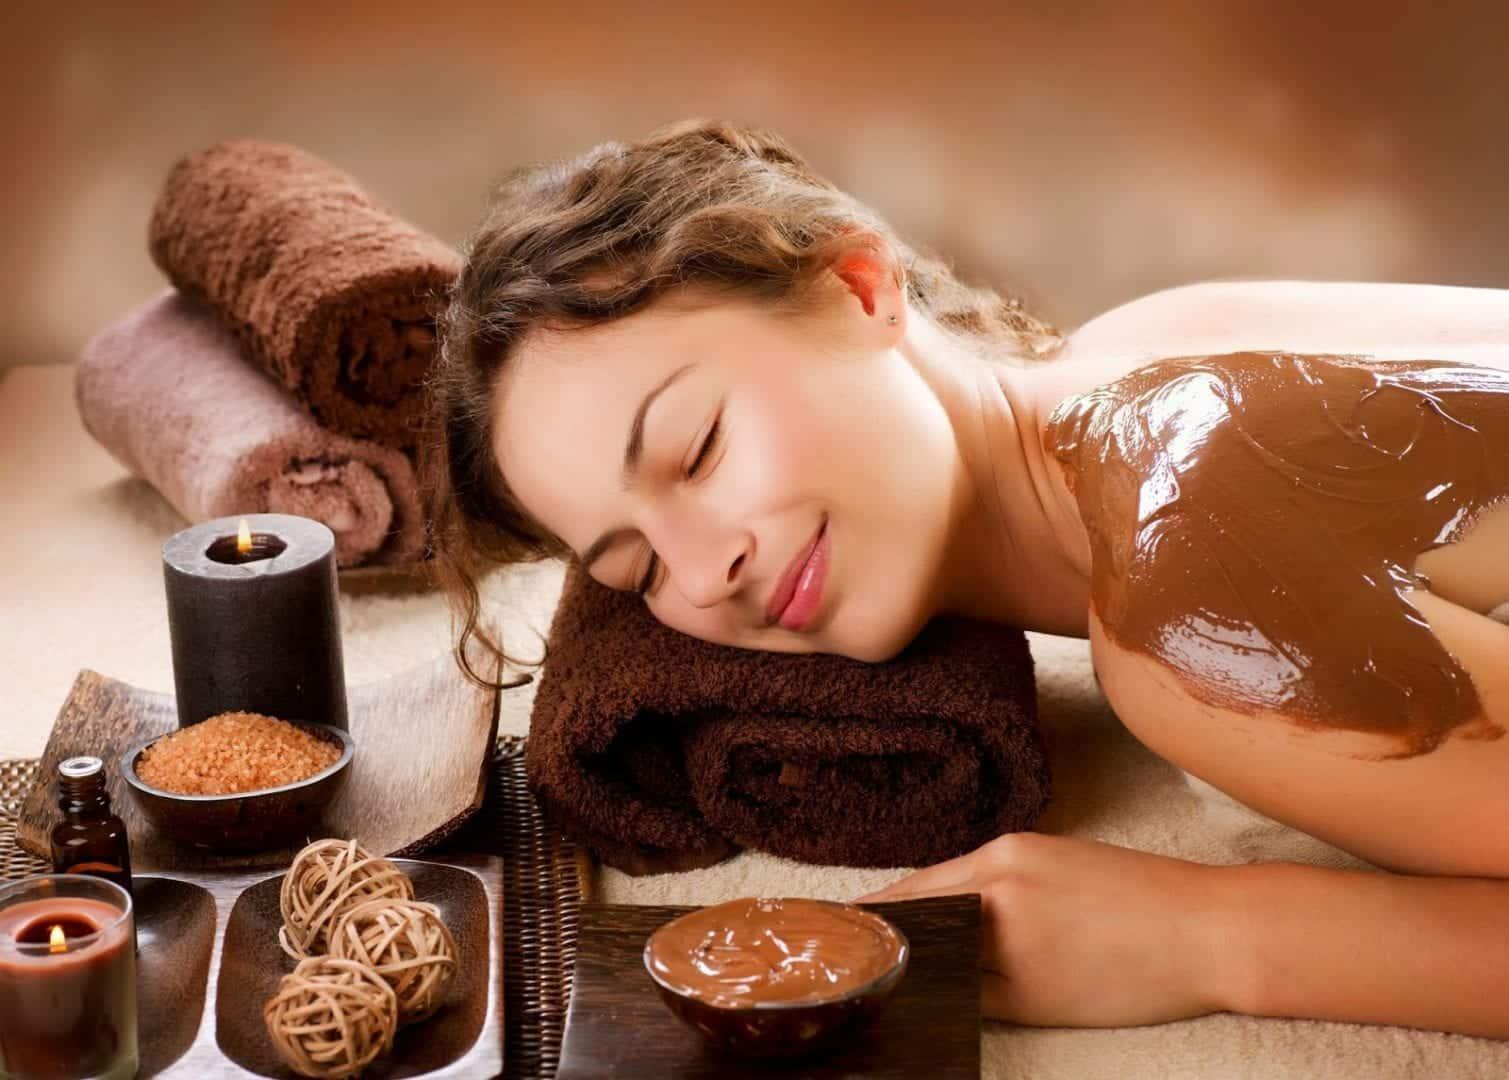 Benefícios do chocolate- além de gostoso, também faz bem para saúde